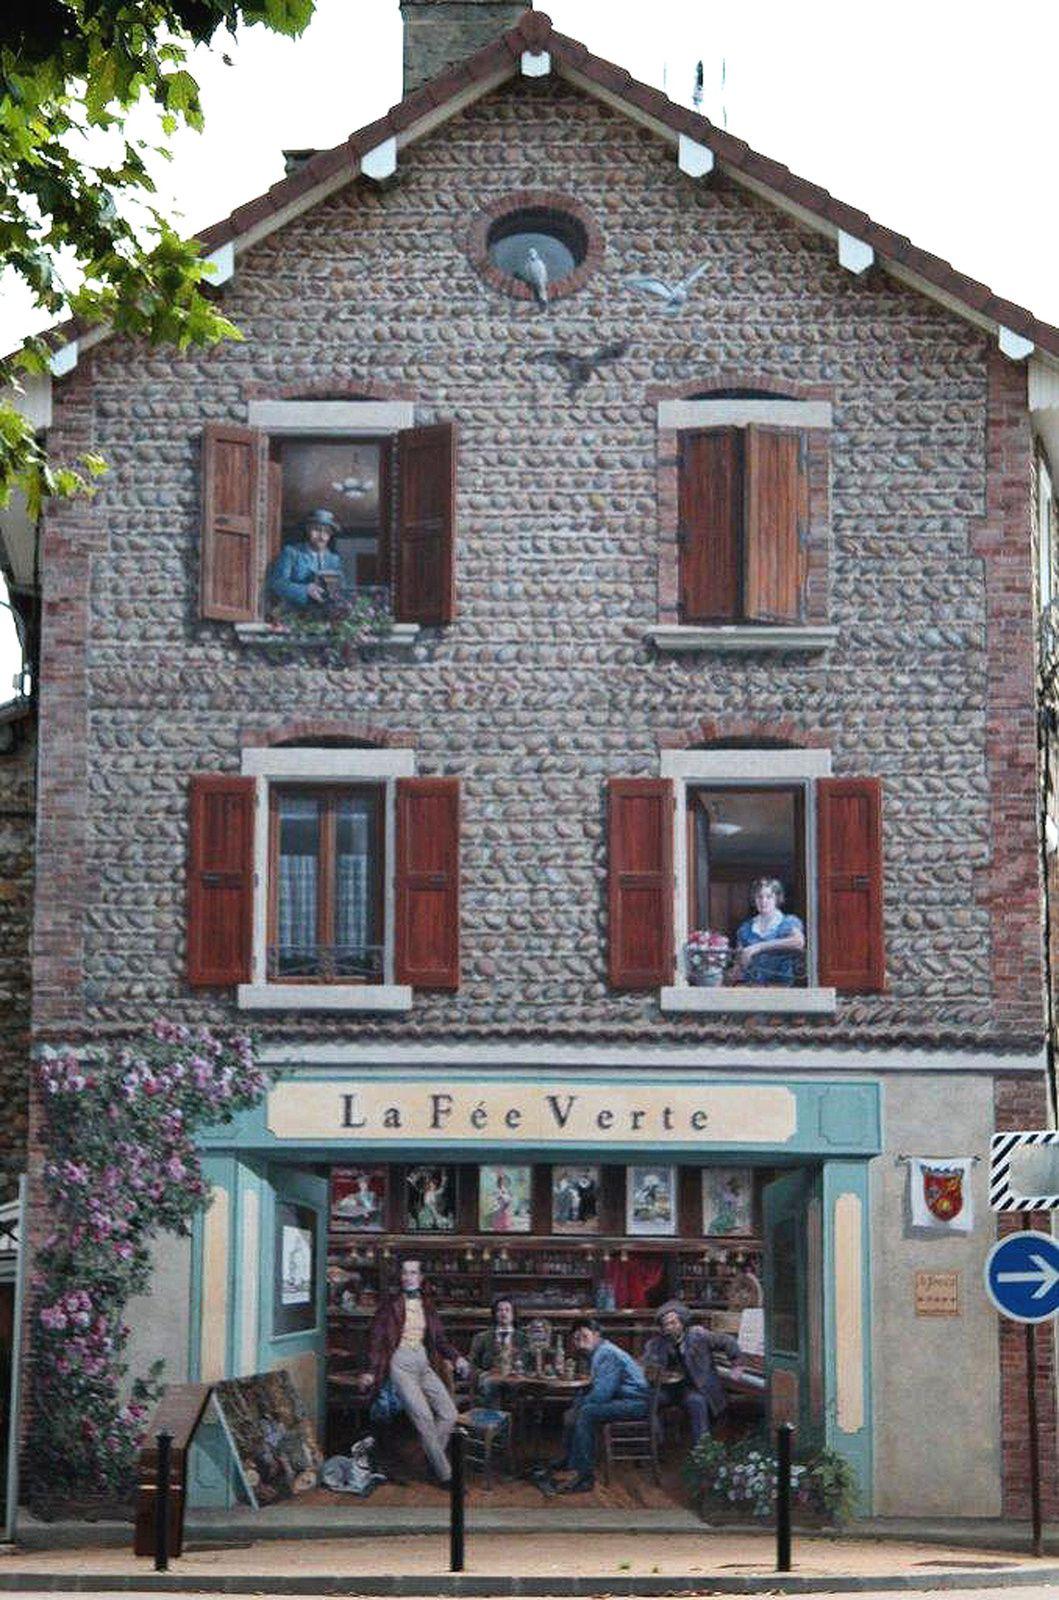 À la fenêtre en haut à gauche, le peintre et décorateur Édouard Vuillard (1868-1940). À la fenêtre de droite, Stéphanie de Virieu, peintre et sculpteur (1785-1873). © photo Jacques Bécaud.